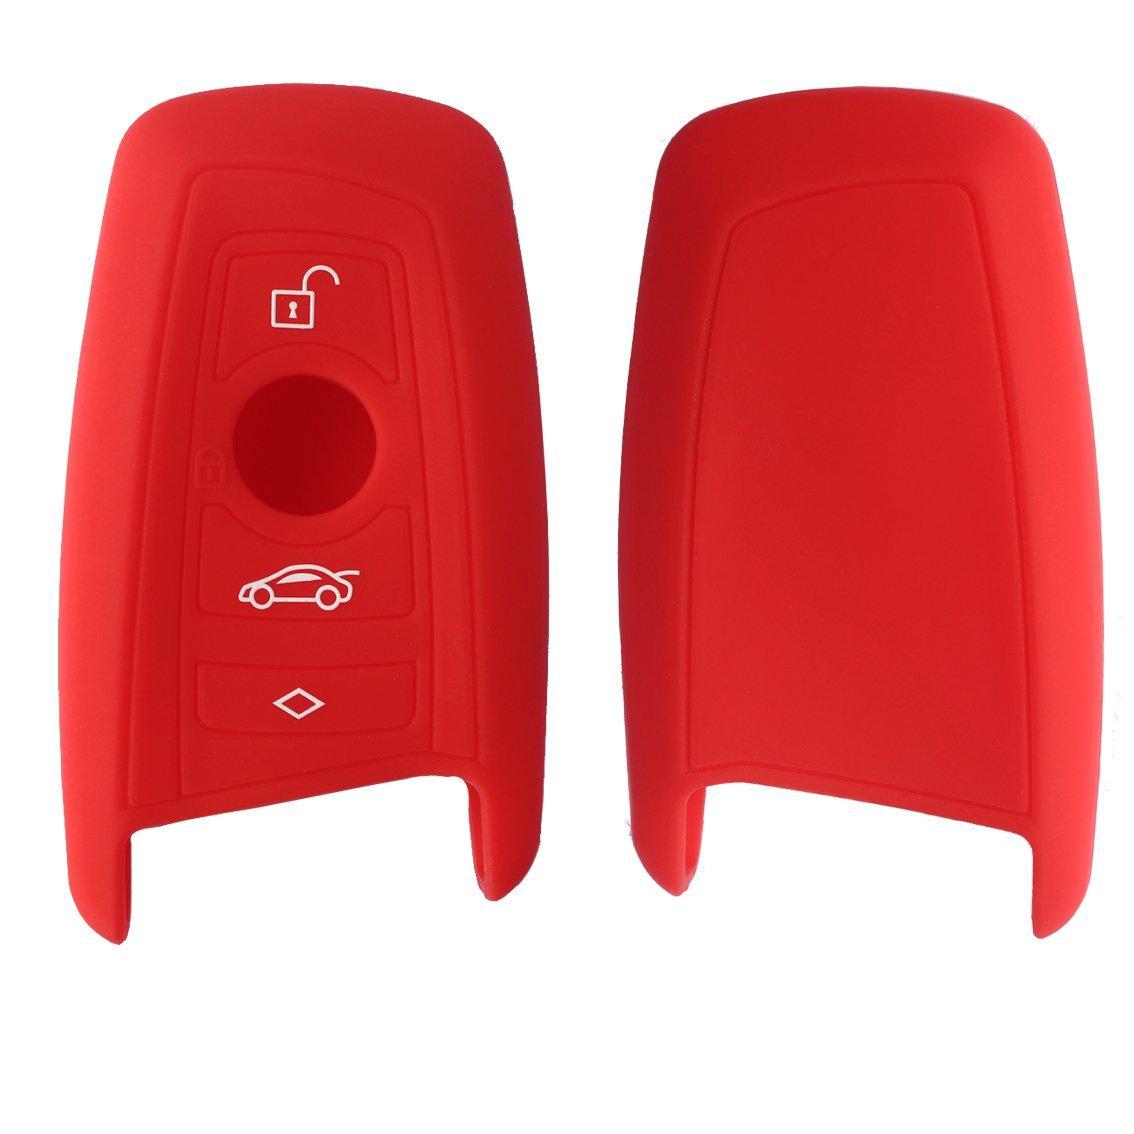 Силиконовый чехол New Generation для ключа BMW Красный (0000404)